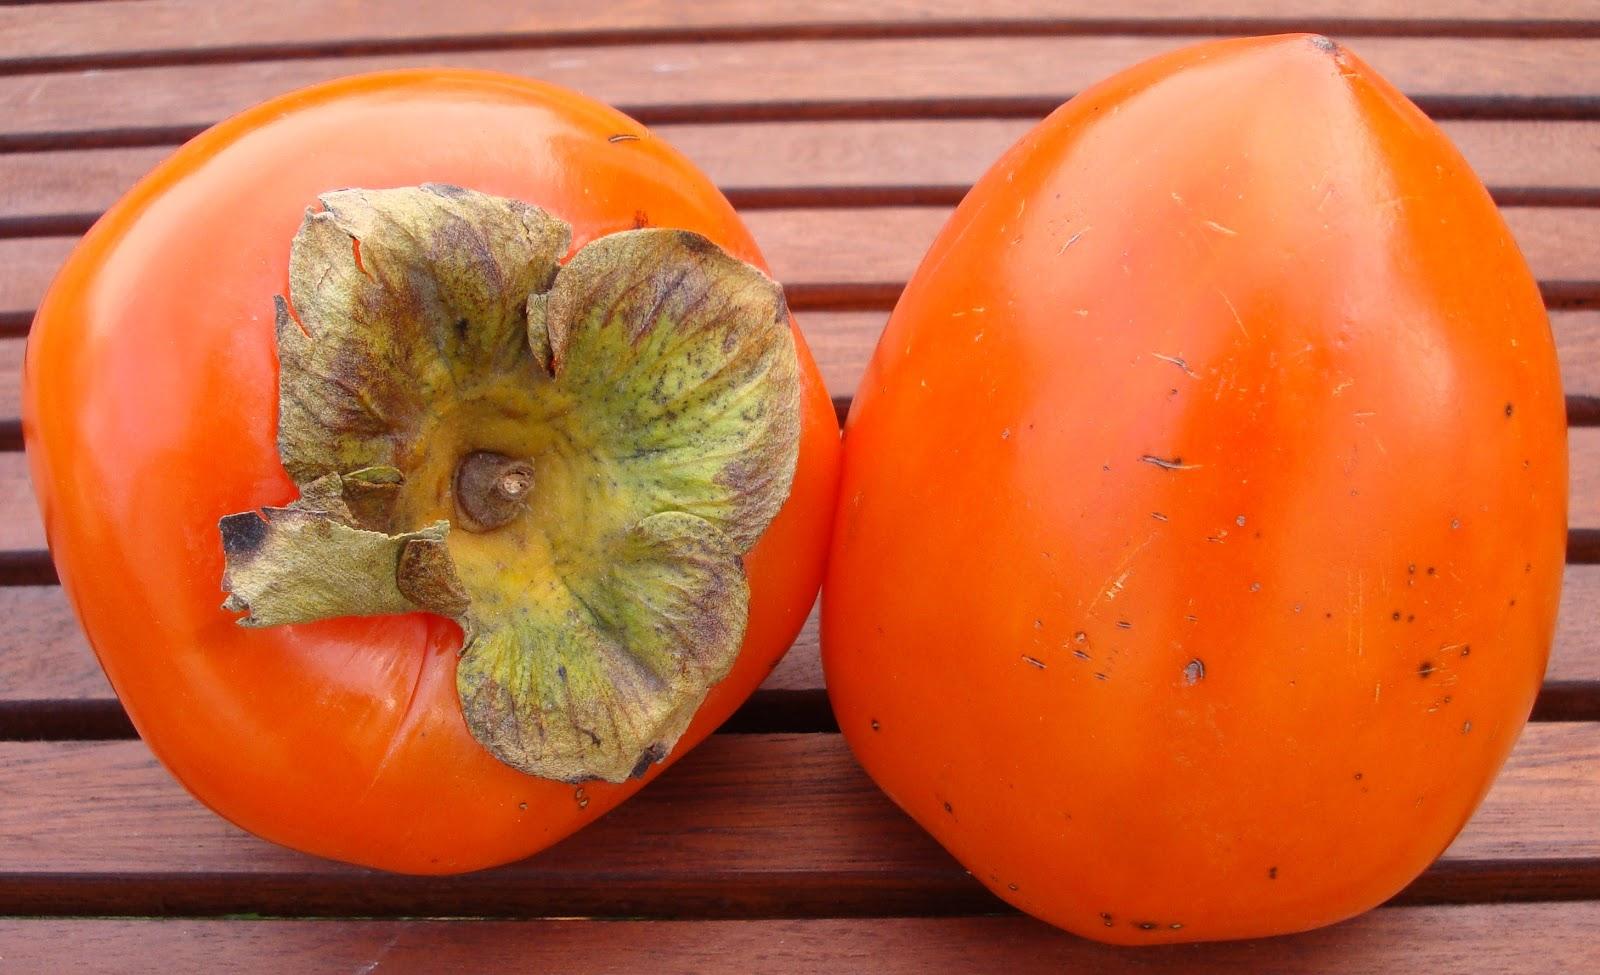 how to prepare orange peel to eat